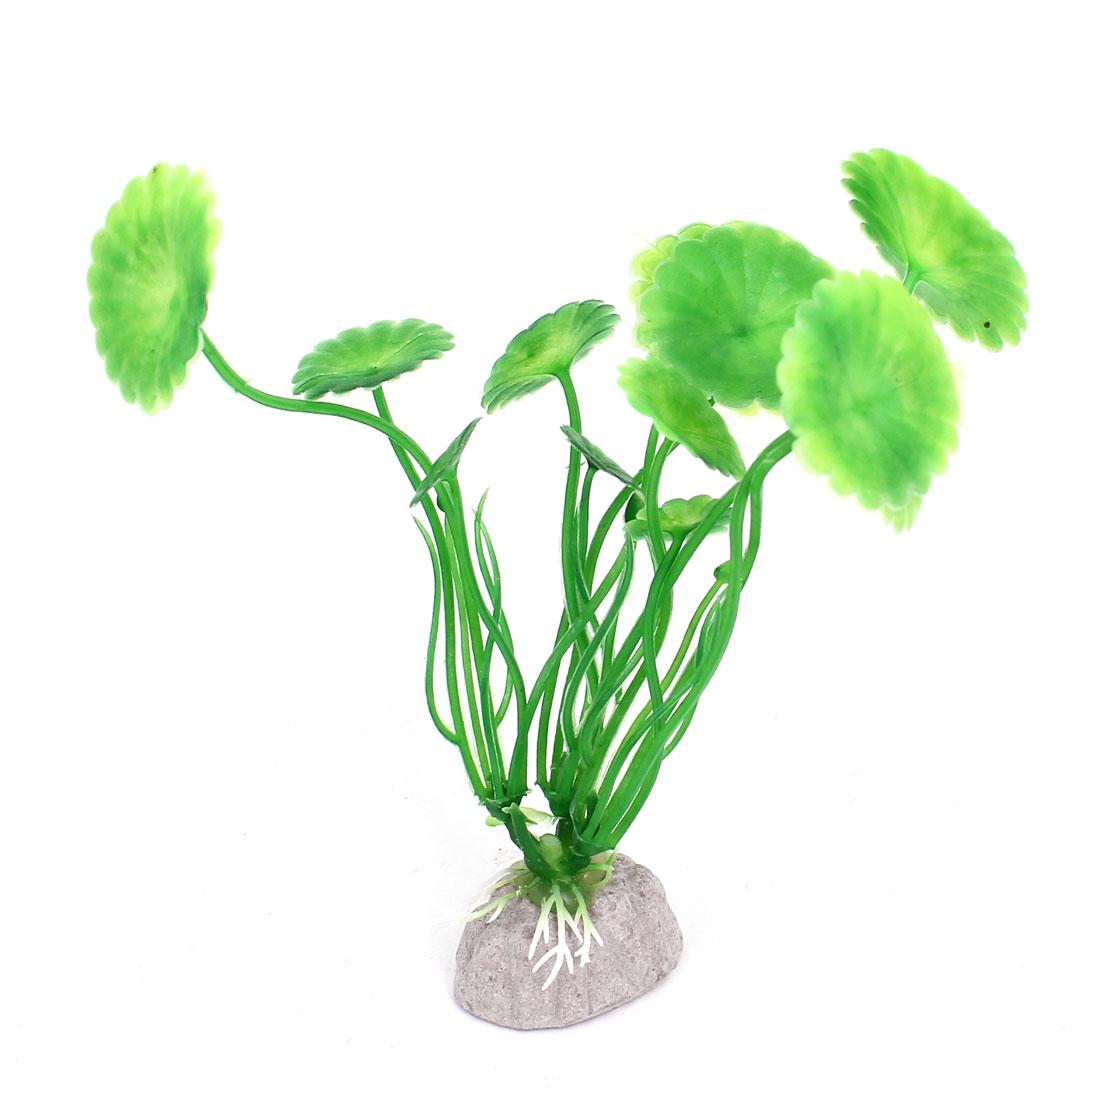 Artificial Plastic Aquarium Fish Tank Fake Plant Lotus Leaf Decoration Green